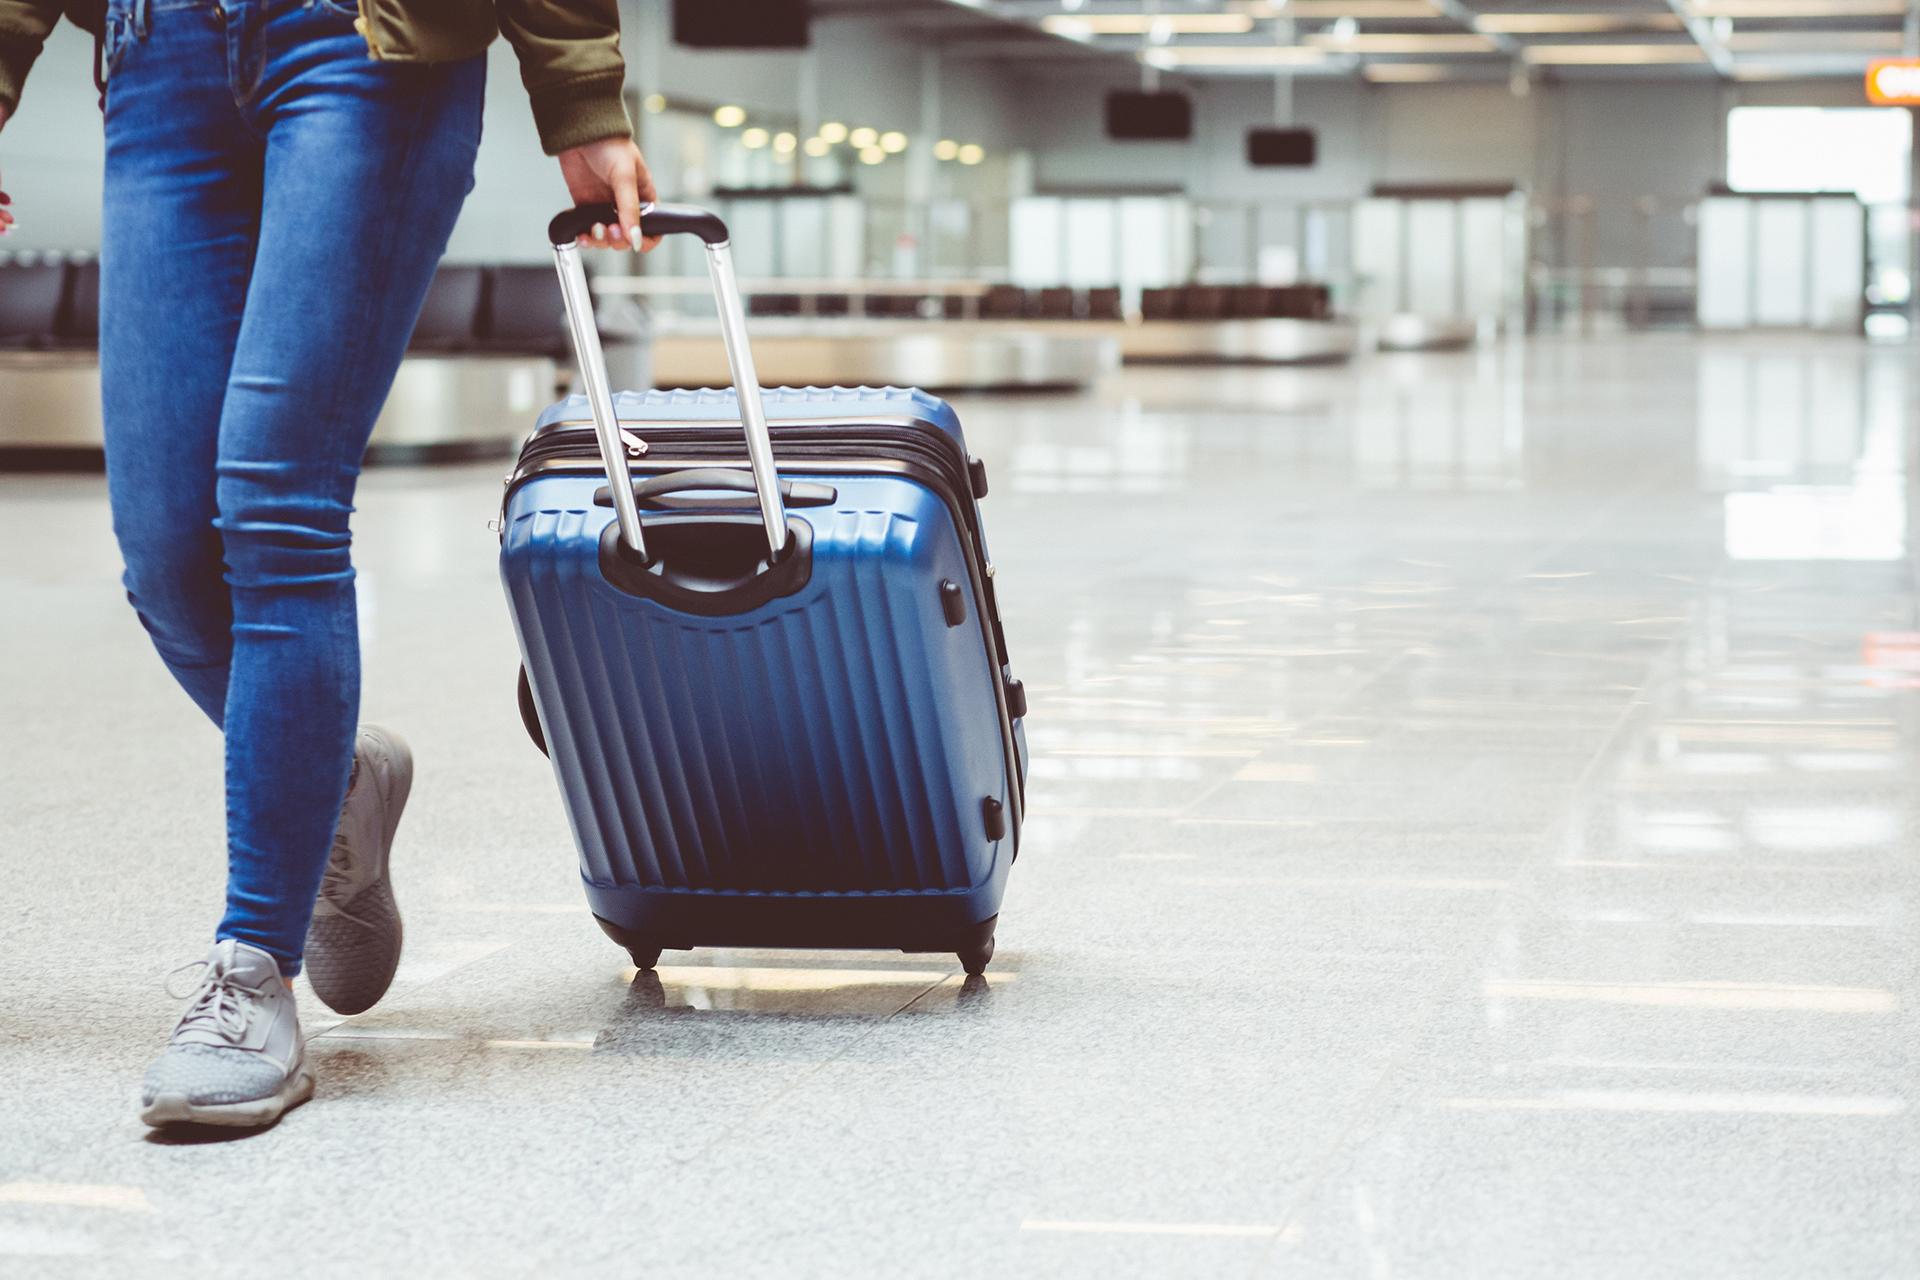 Latam implementa el despacho automático de equipaje en aeropuerto de Quito